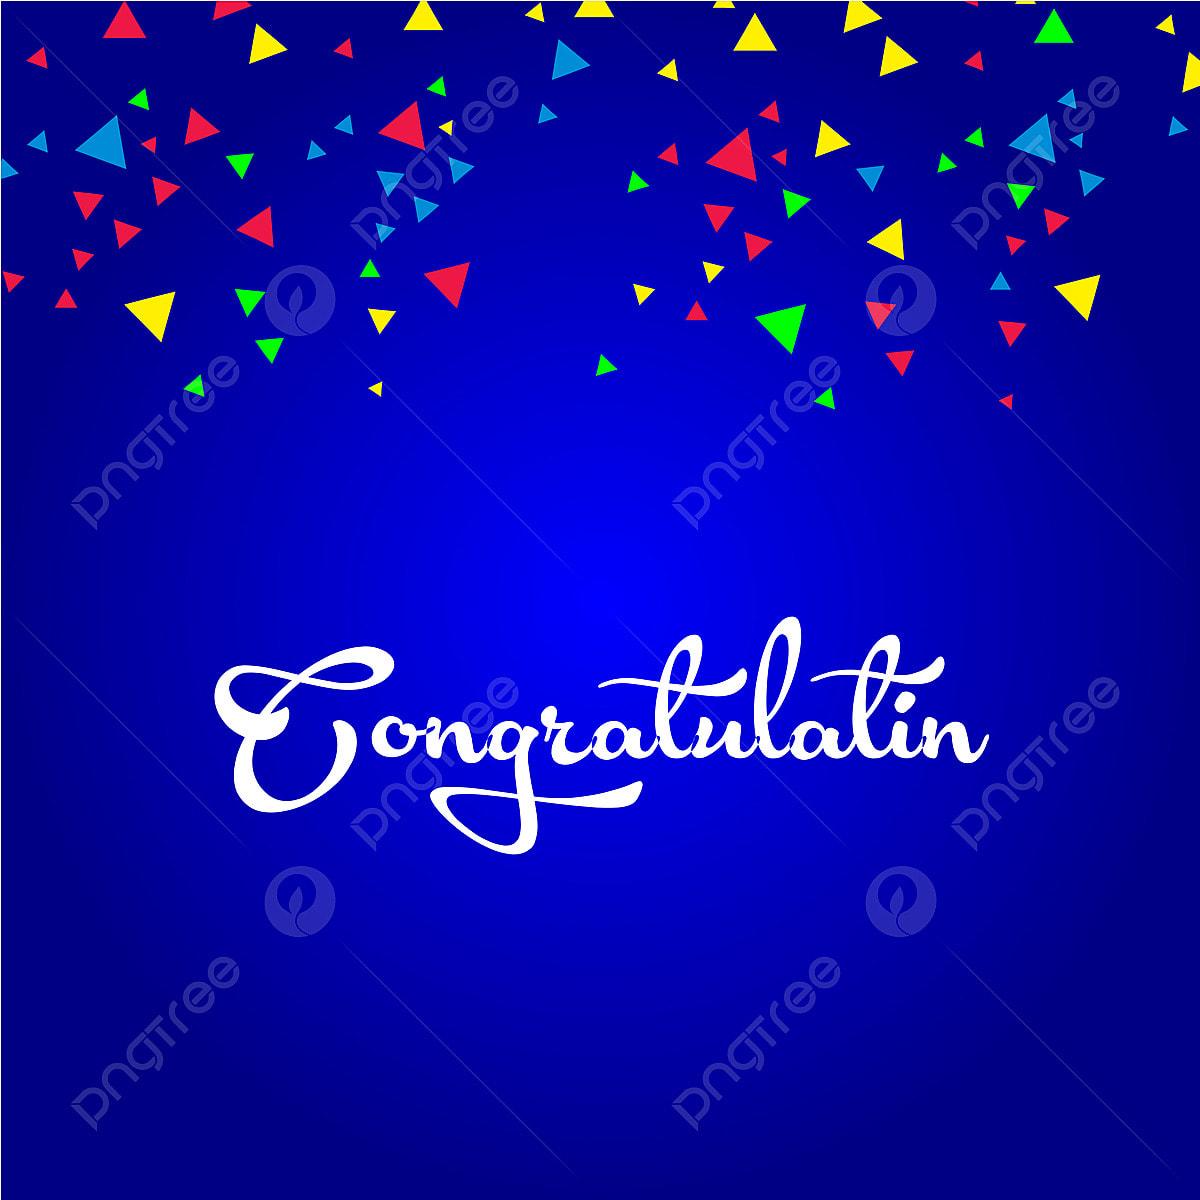 congratulation vector template design illustration  congratulations  congratulation  modern png